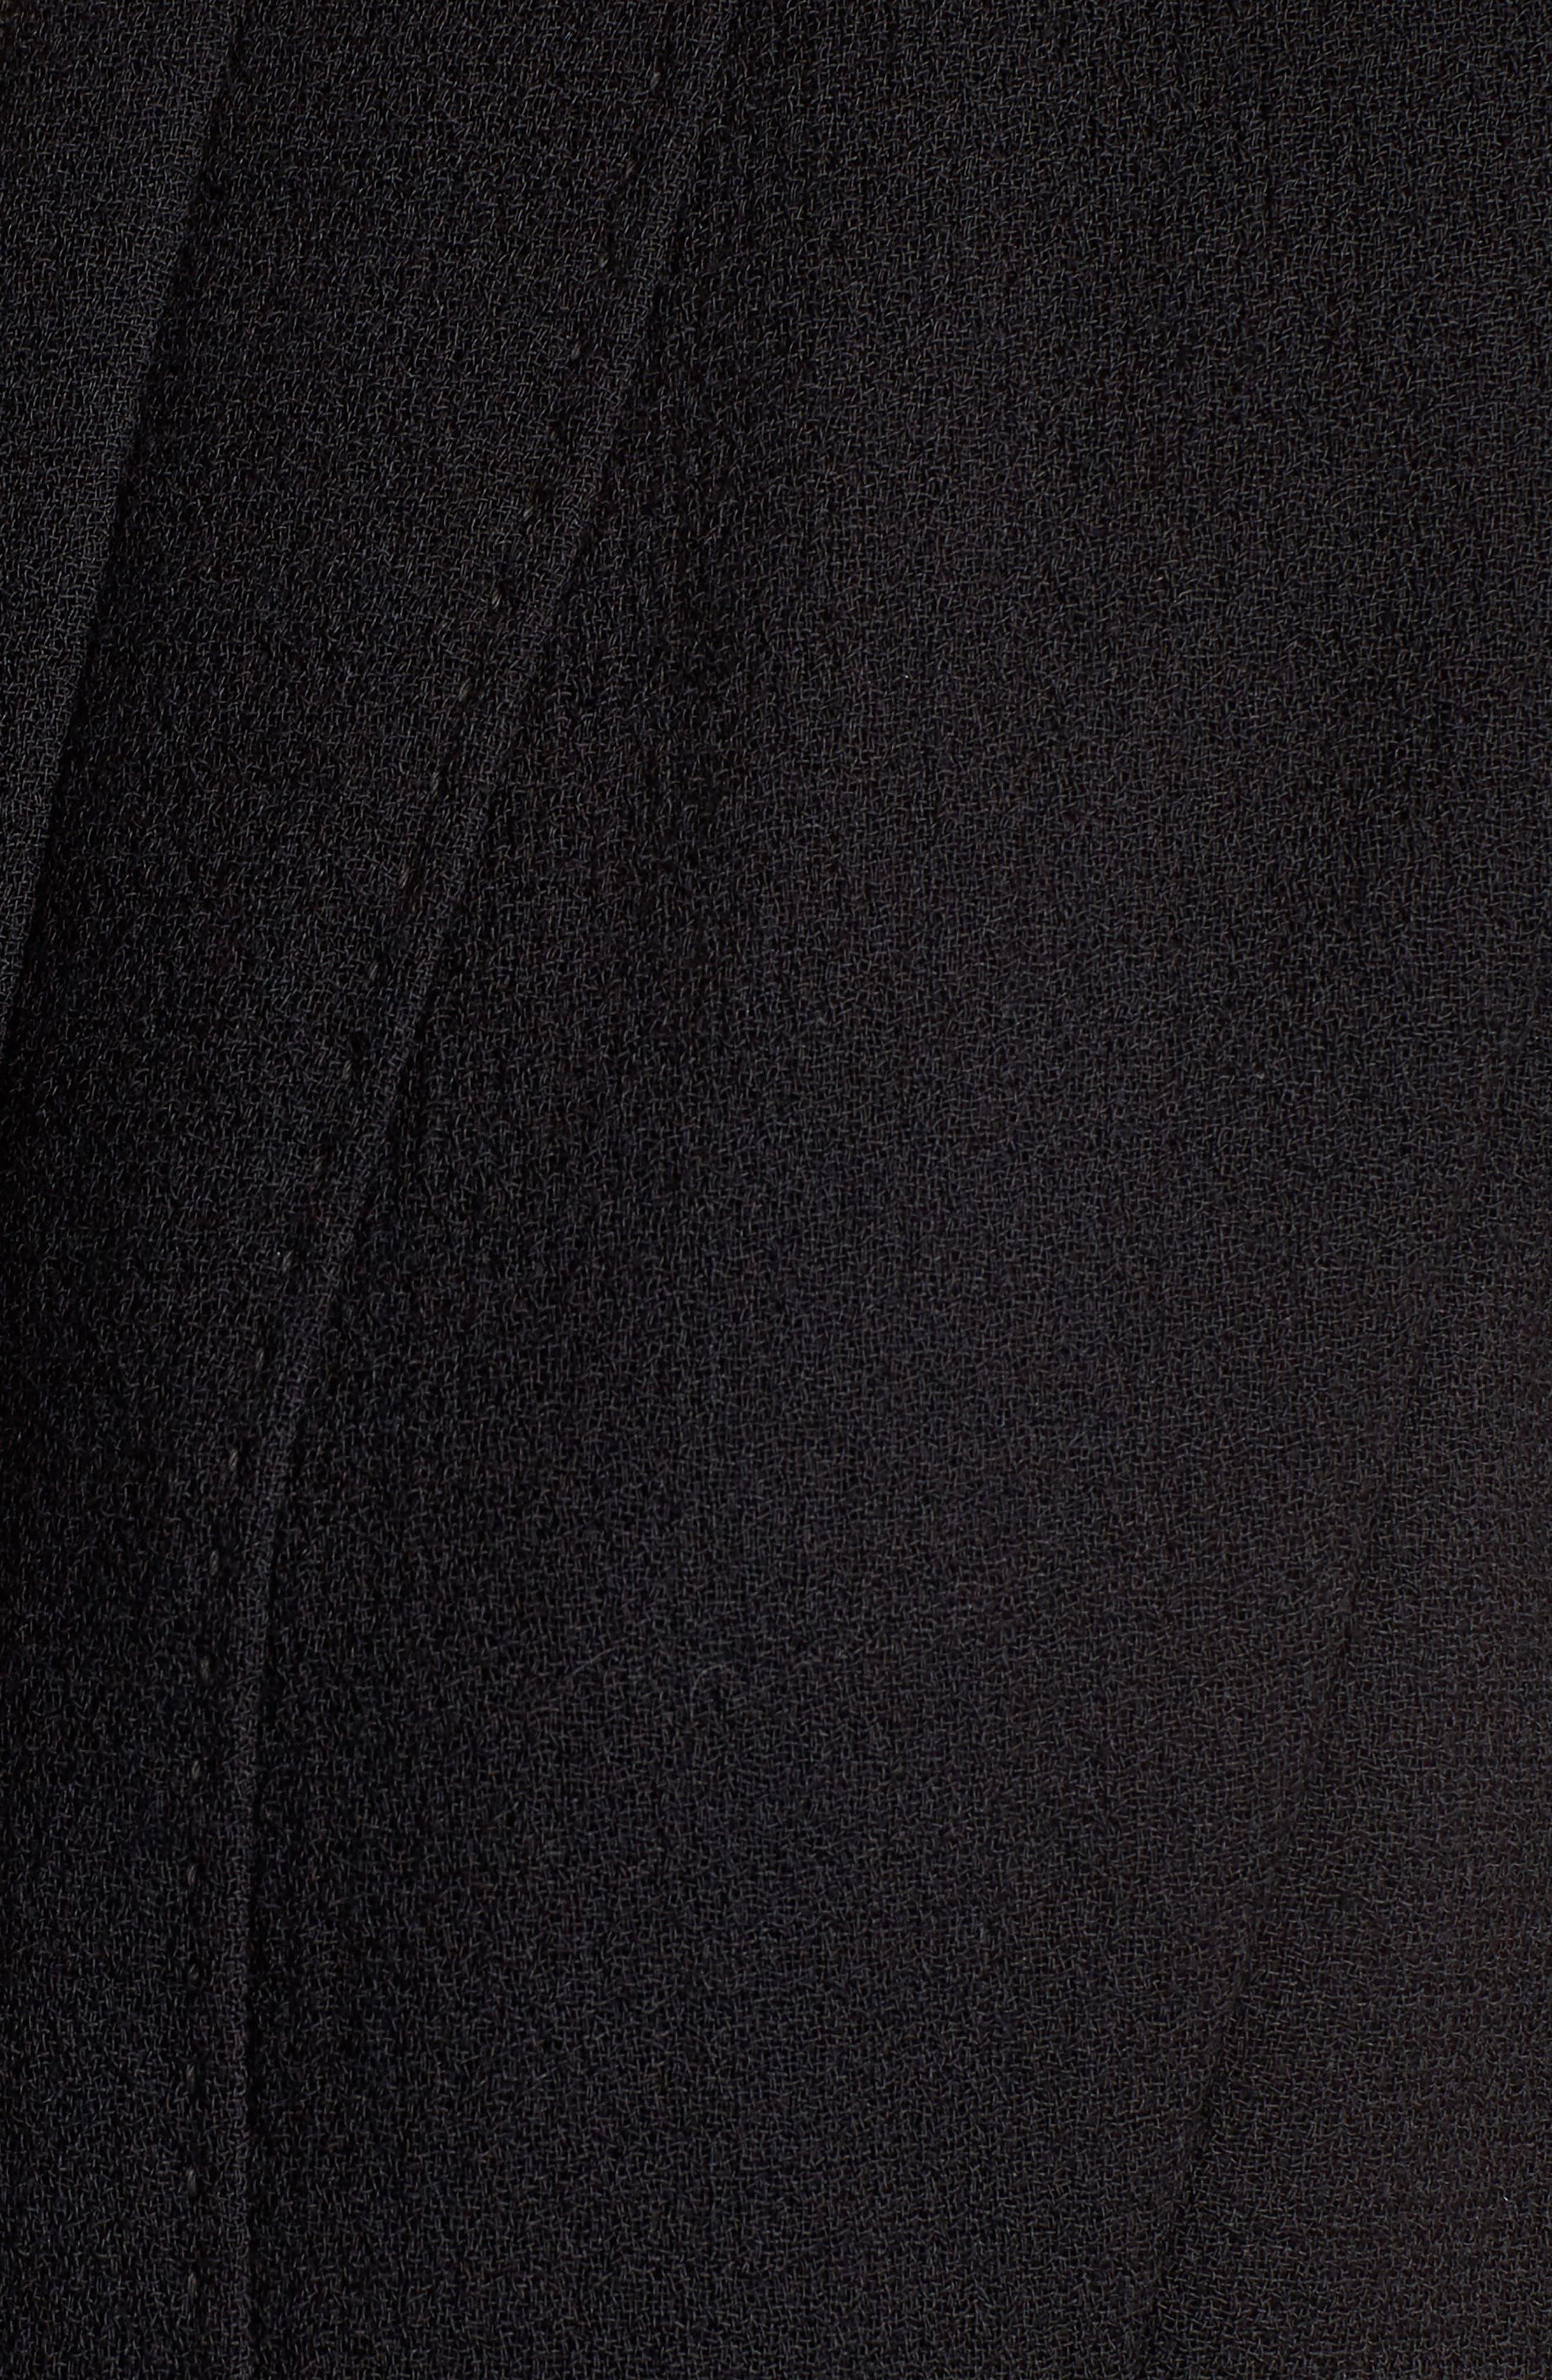 Celinda Nouveau Crepe Dress,                             Alternate thumbnail 4, color,                             Black